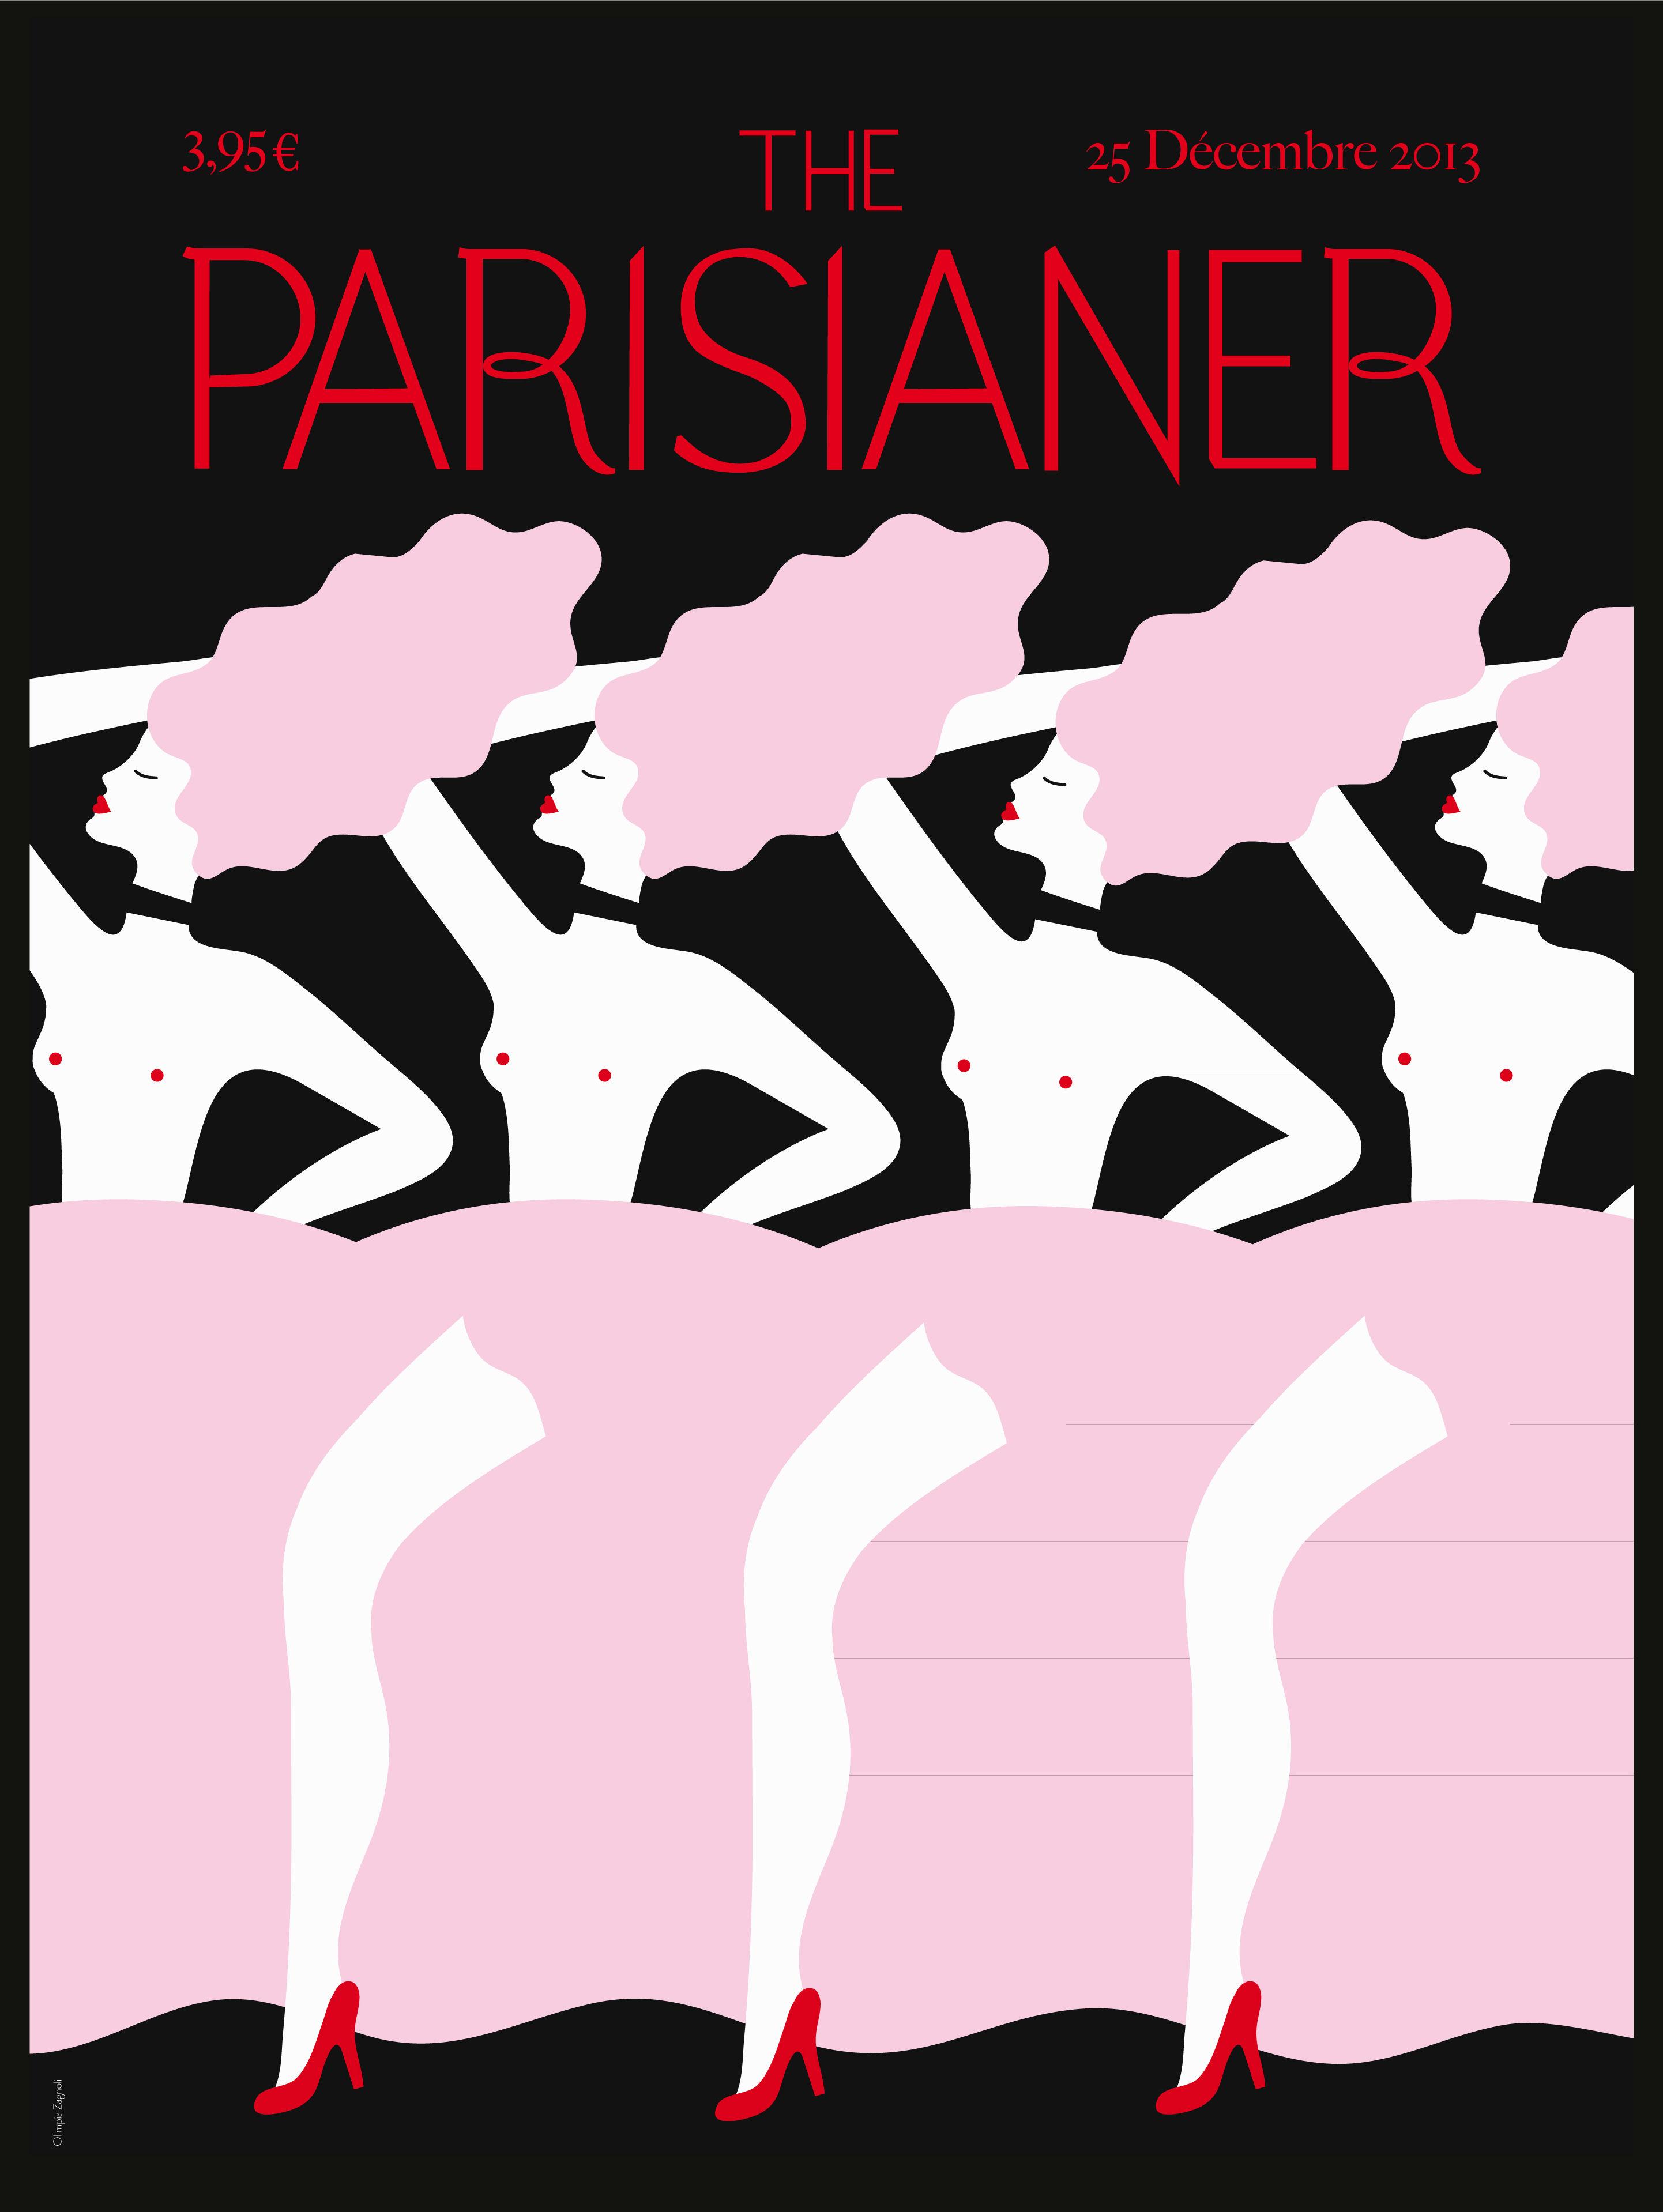 Déco - Objets déco et cadres-photos - Affiche The Parisianer - Zagnioli / 40 x 50 cm - Image Republic - Zagnioli - Papier